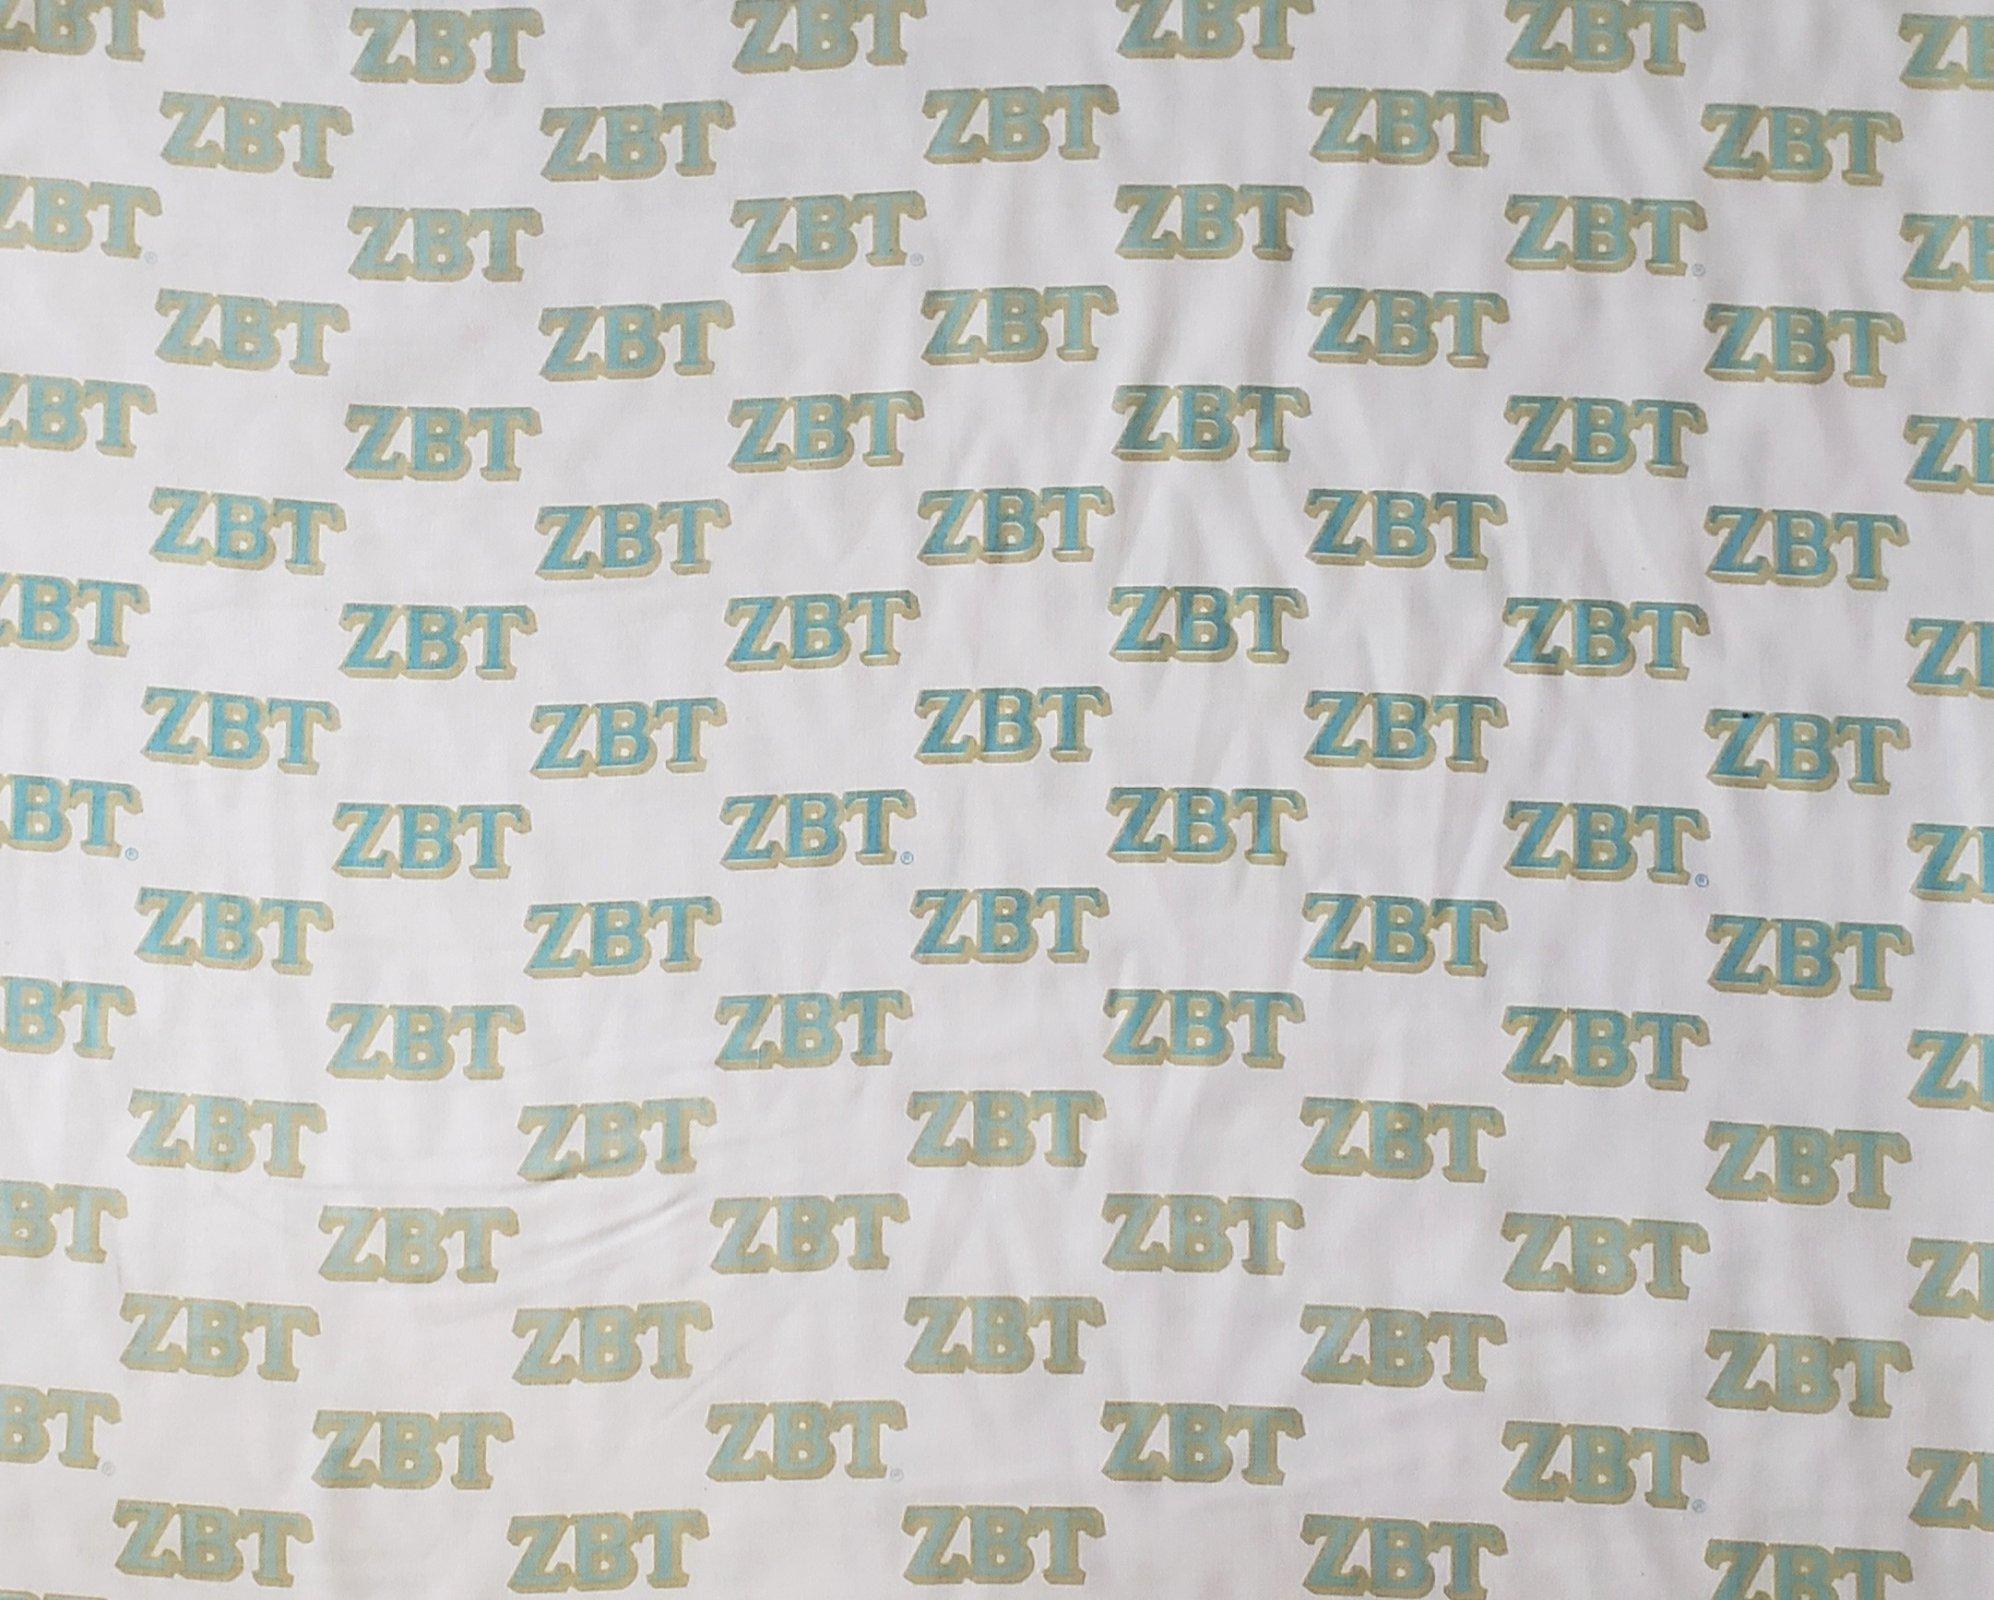 Fraternity - 9346 Zeta Beta Tau ZBT